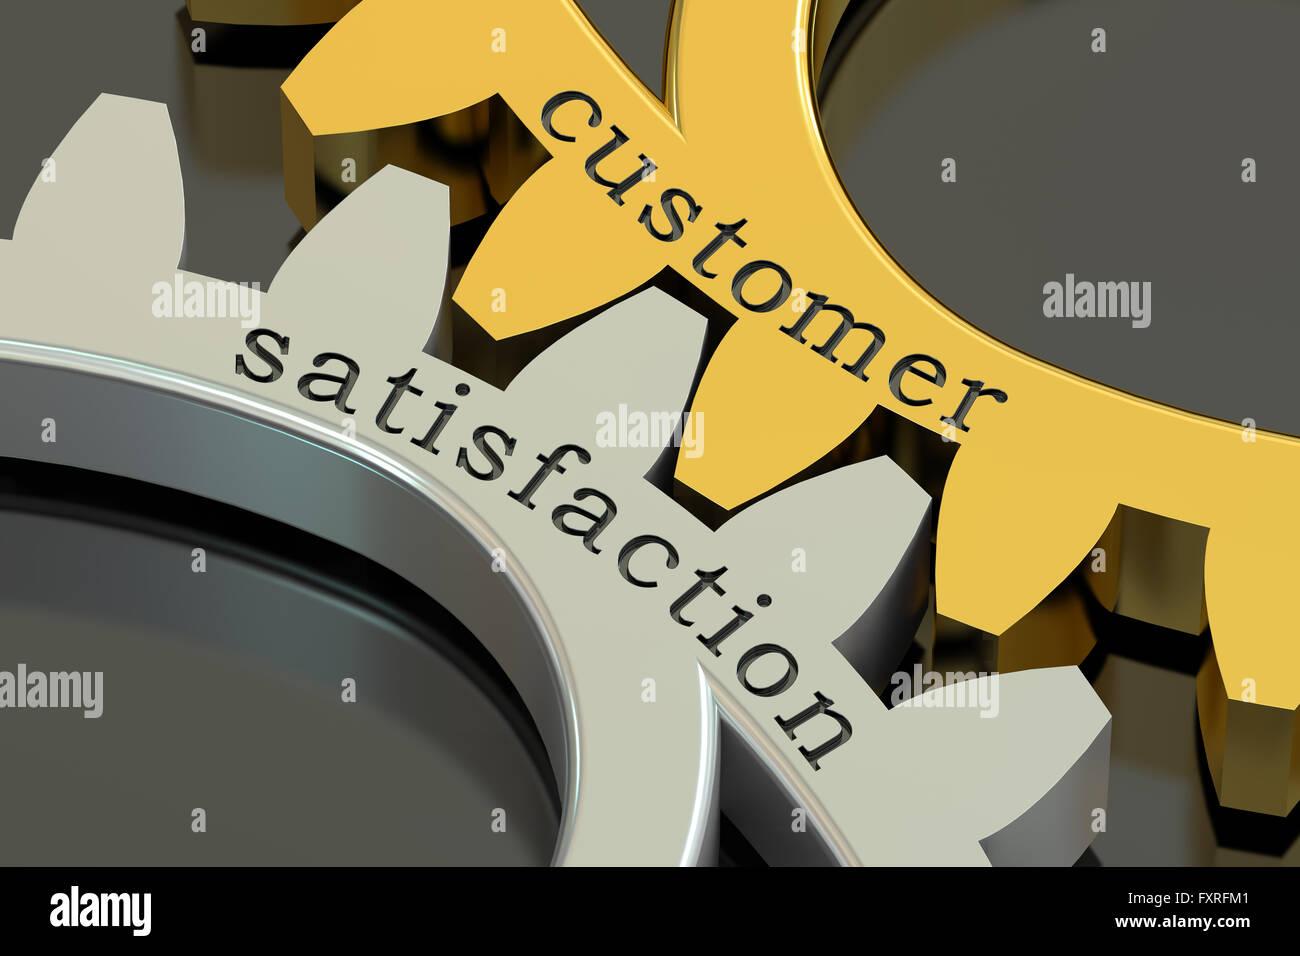 Kunden-Zufriedenheit-Konzept auf die Zahnräder, 3D rendering Stockbild